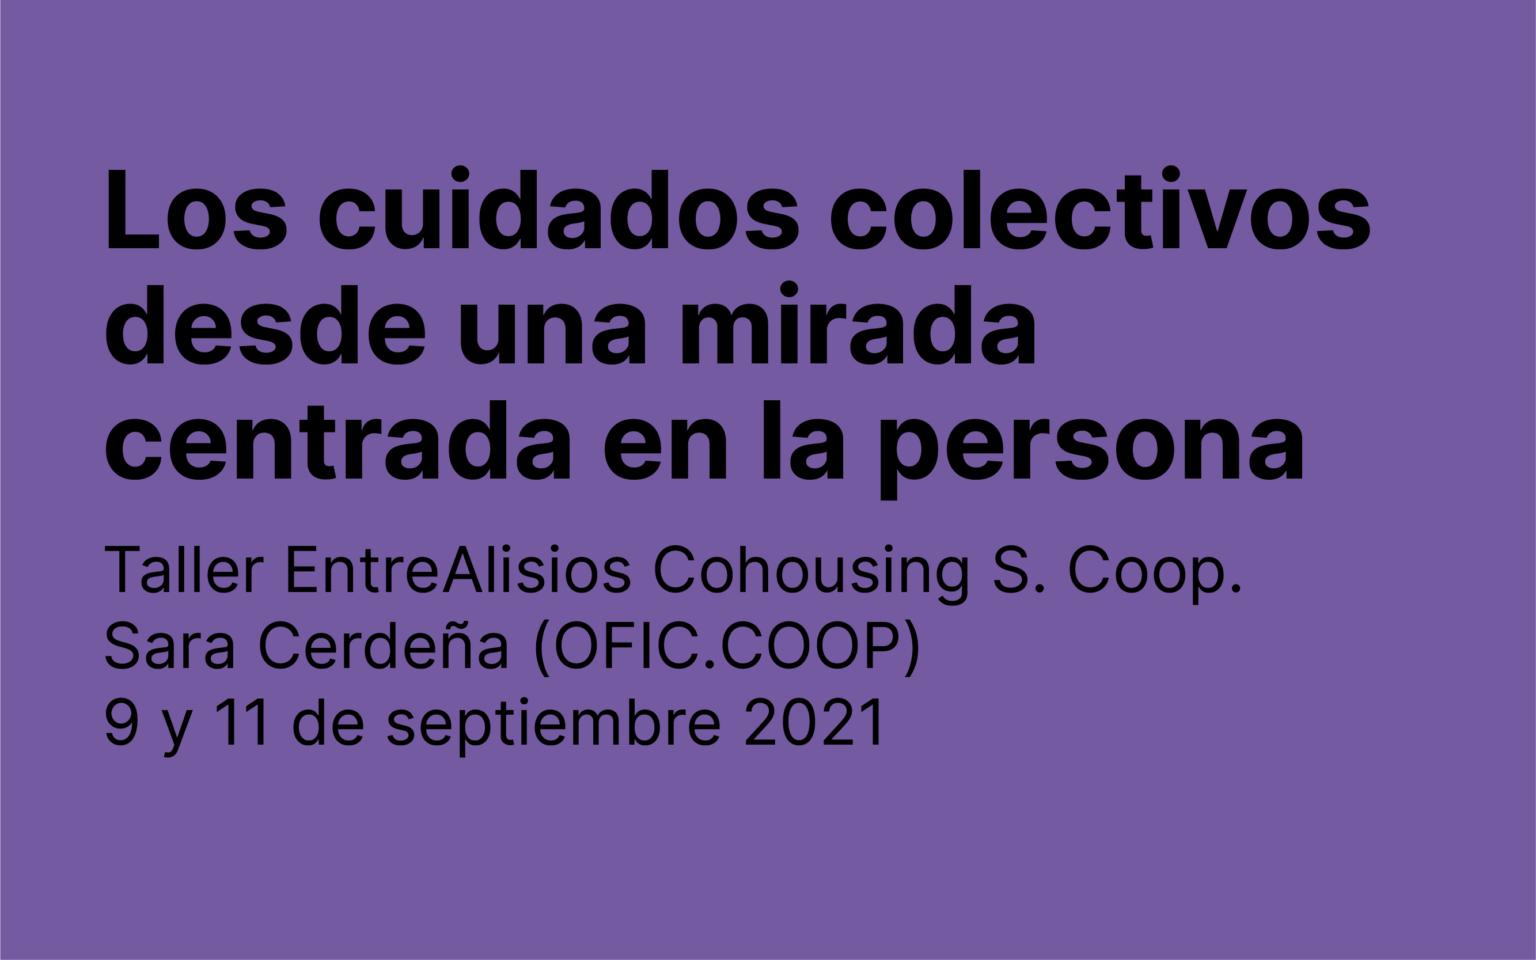 Taller de cuidados – Cohousing EntreAlisios